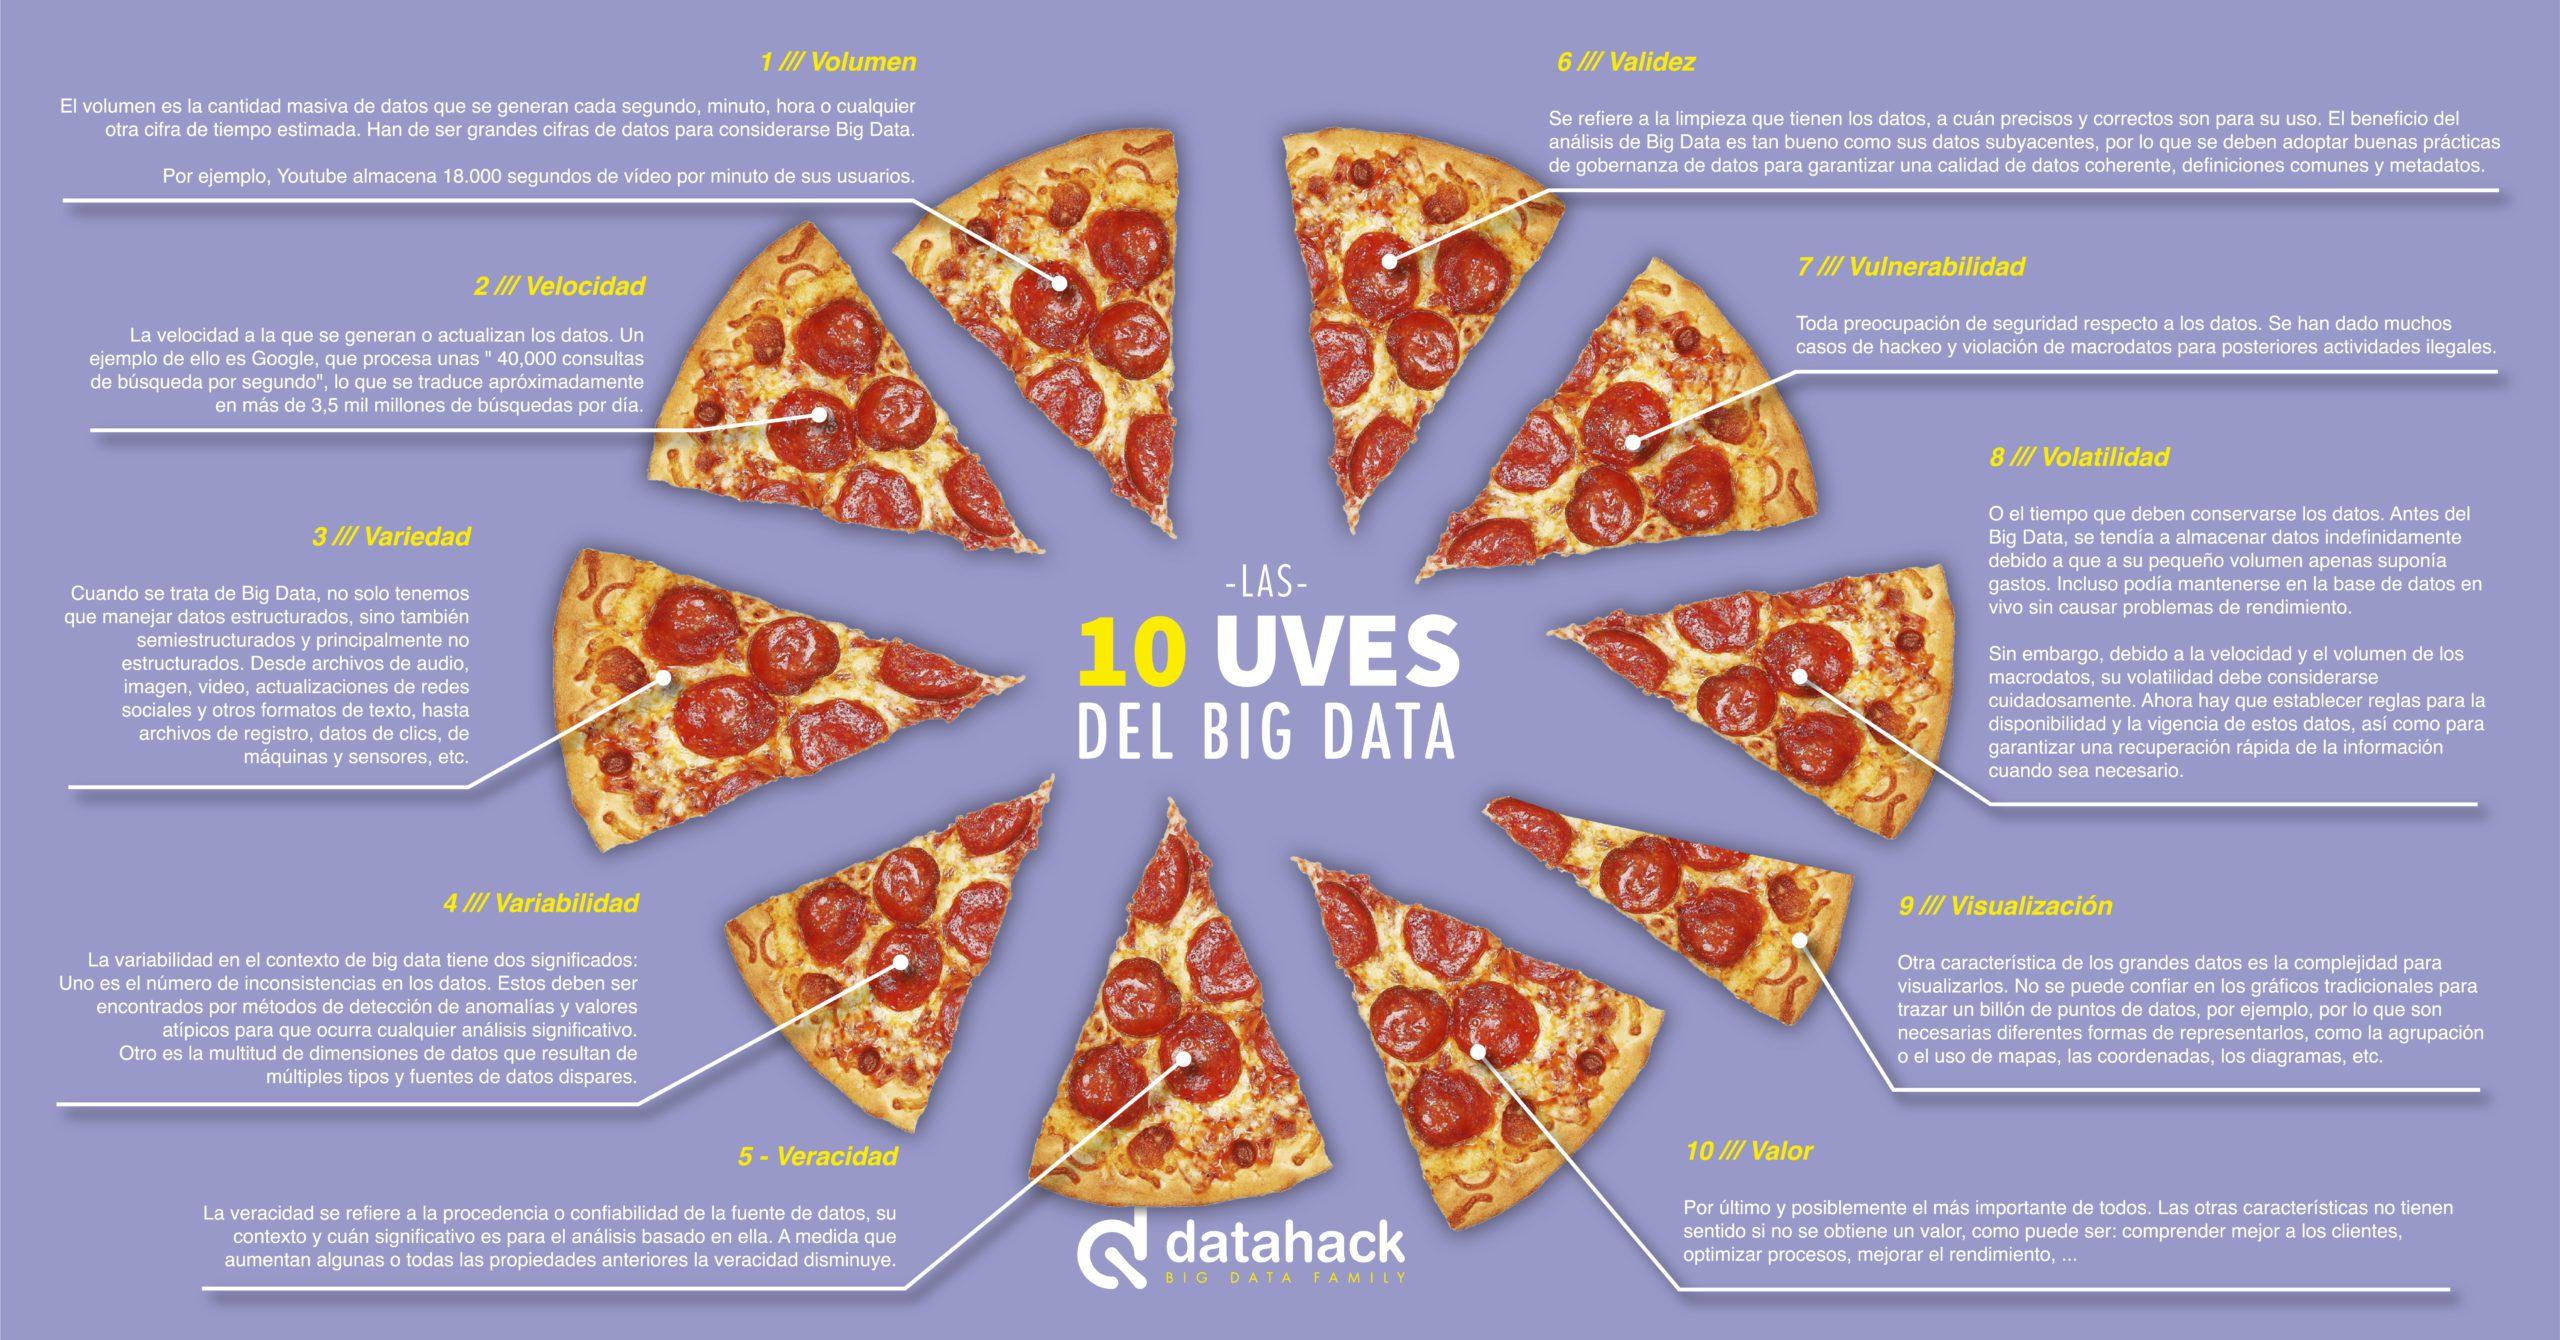 infografia-datahack-10-v